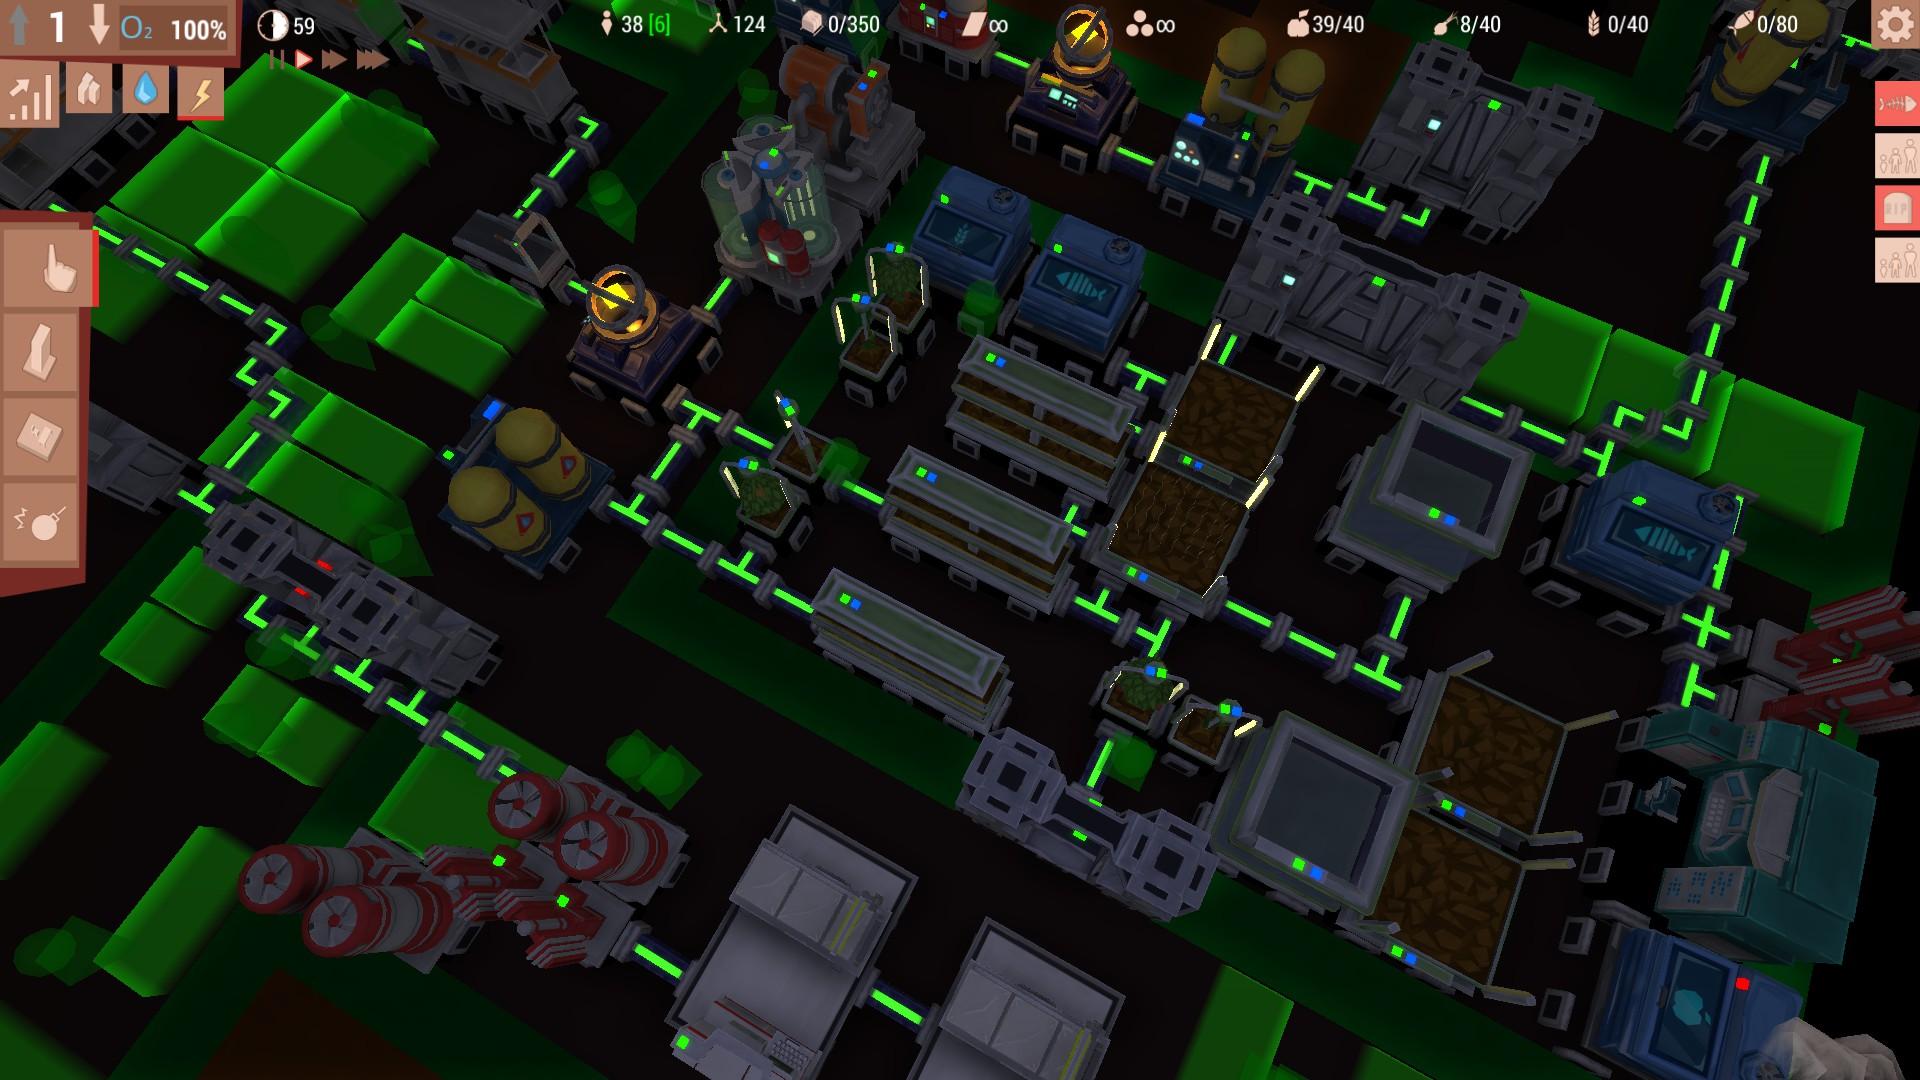 Life in Bunker Screenshot 2